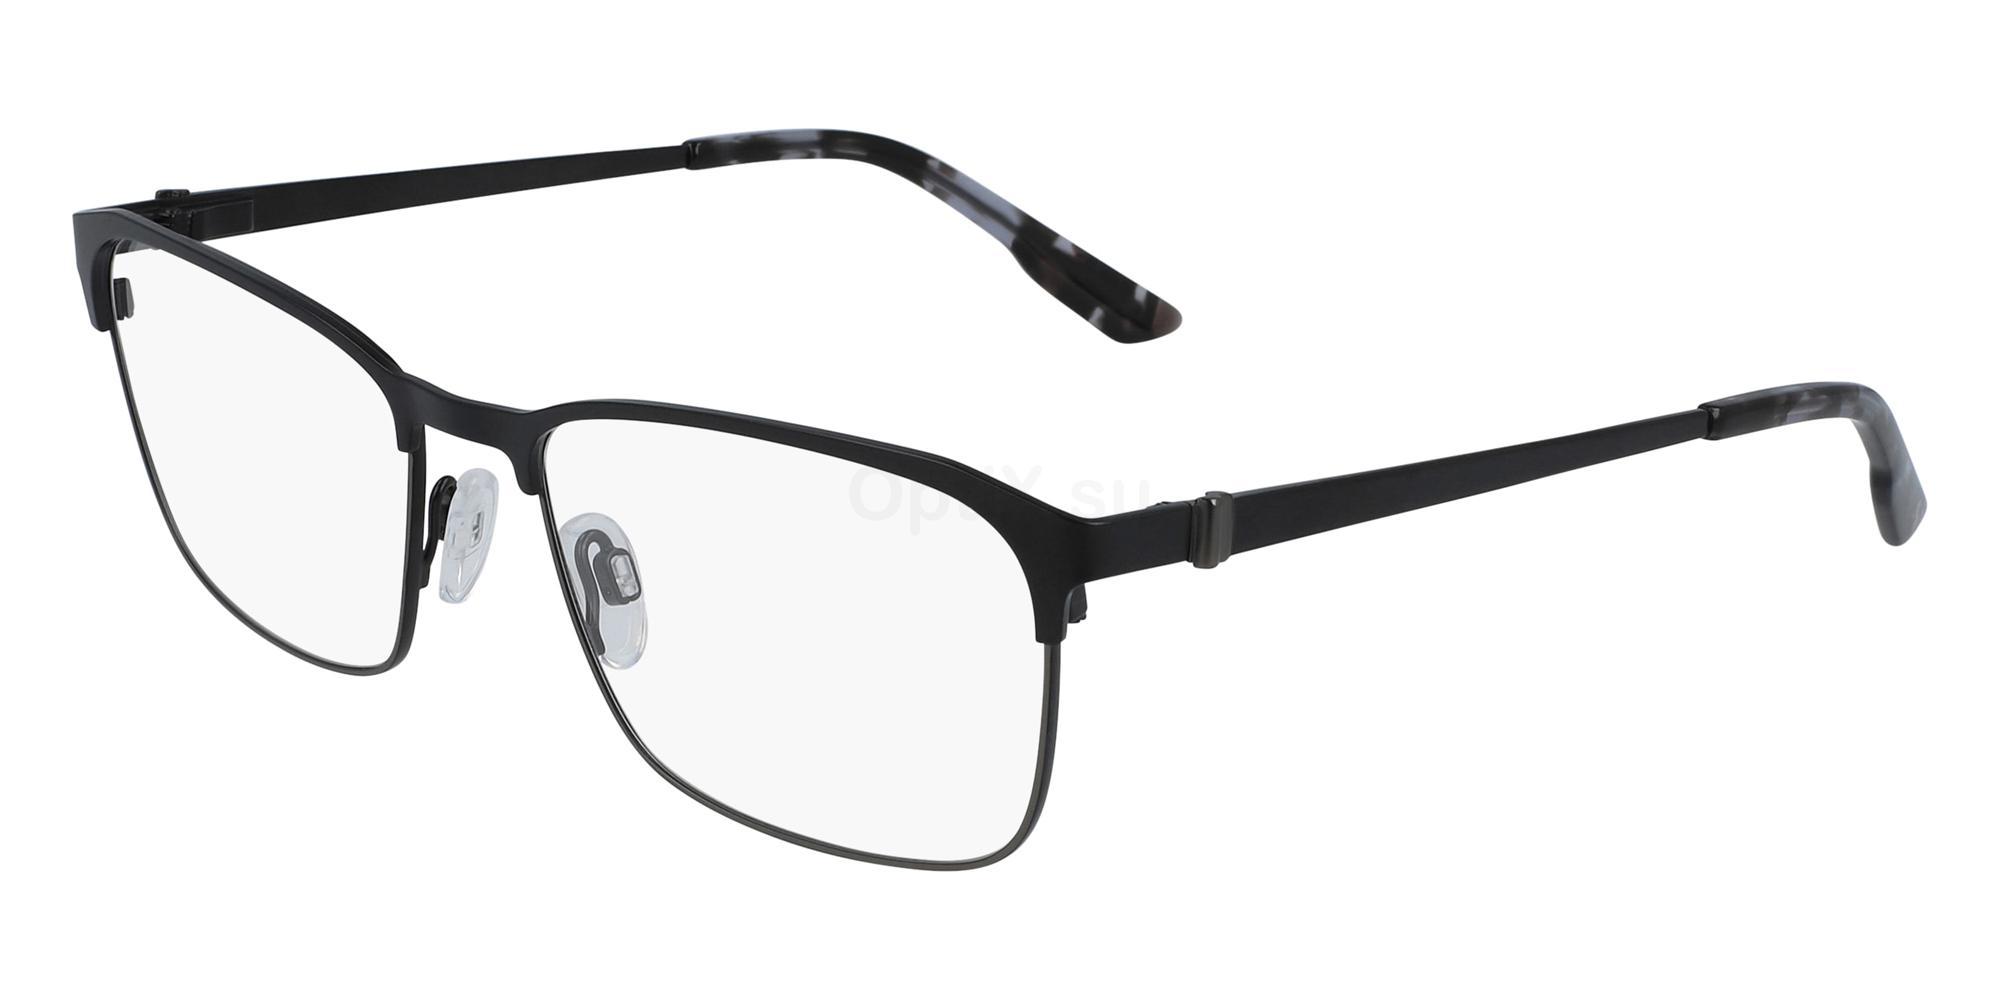 001 SK2103 IDEGRAN Glasses, Skaga